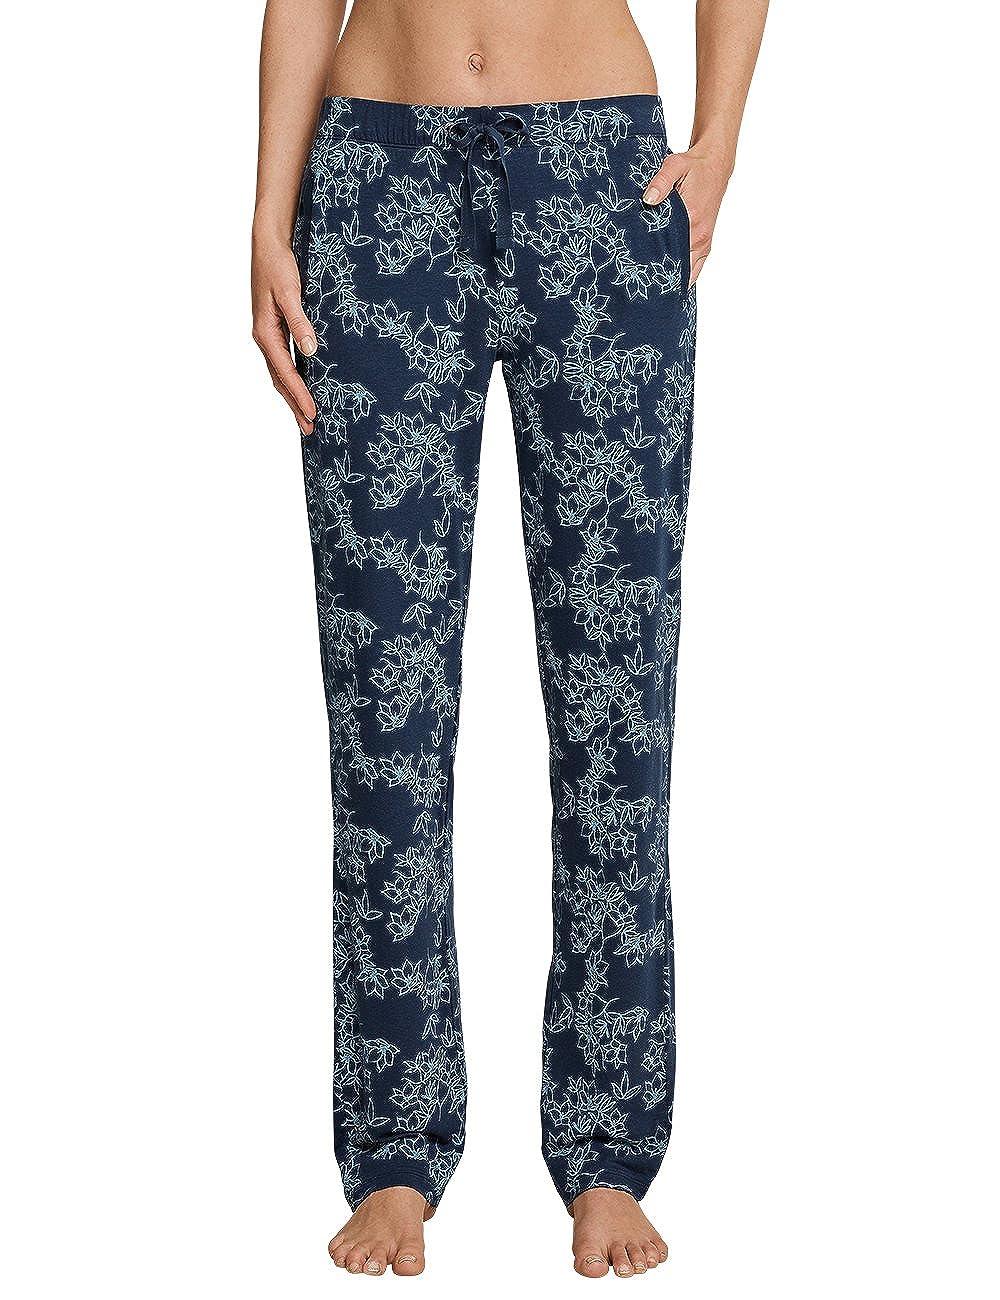 TALLA 36. Schiesser Mix & Relax Jerseyhose Lang, Pantalones de Pijama para Mujer